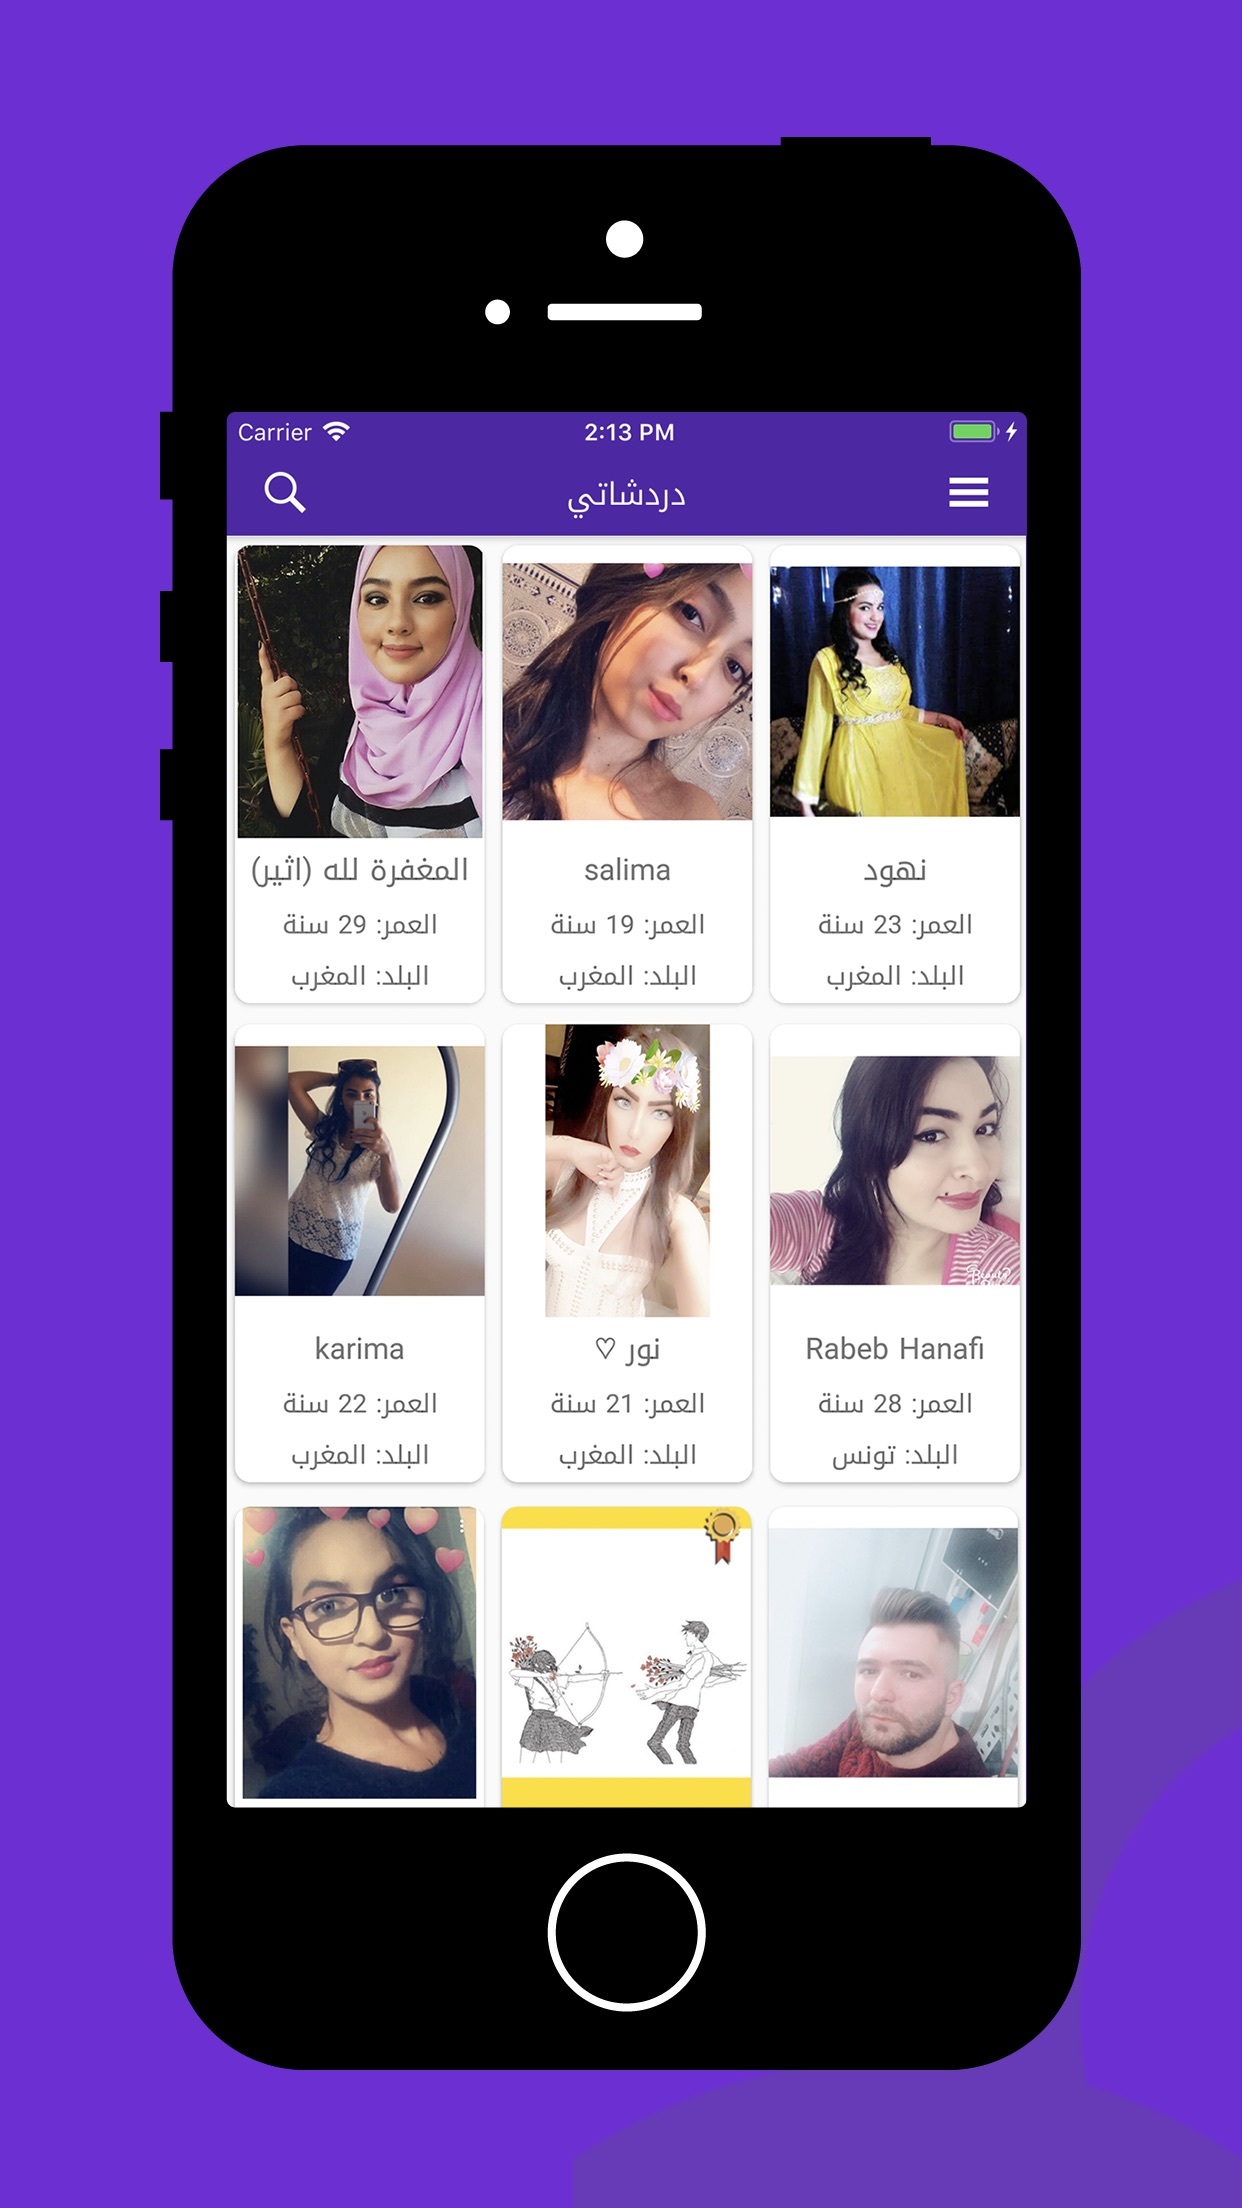 دردشاتي - تعارف و زواج Screenshot